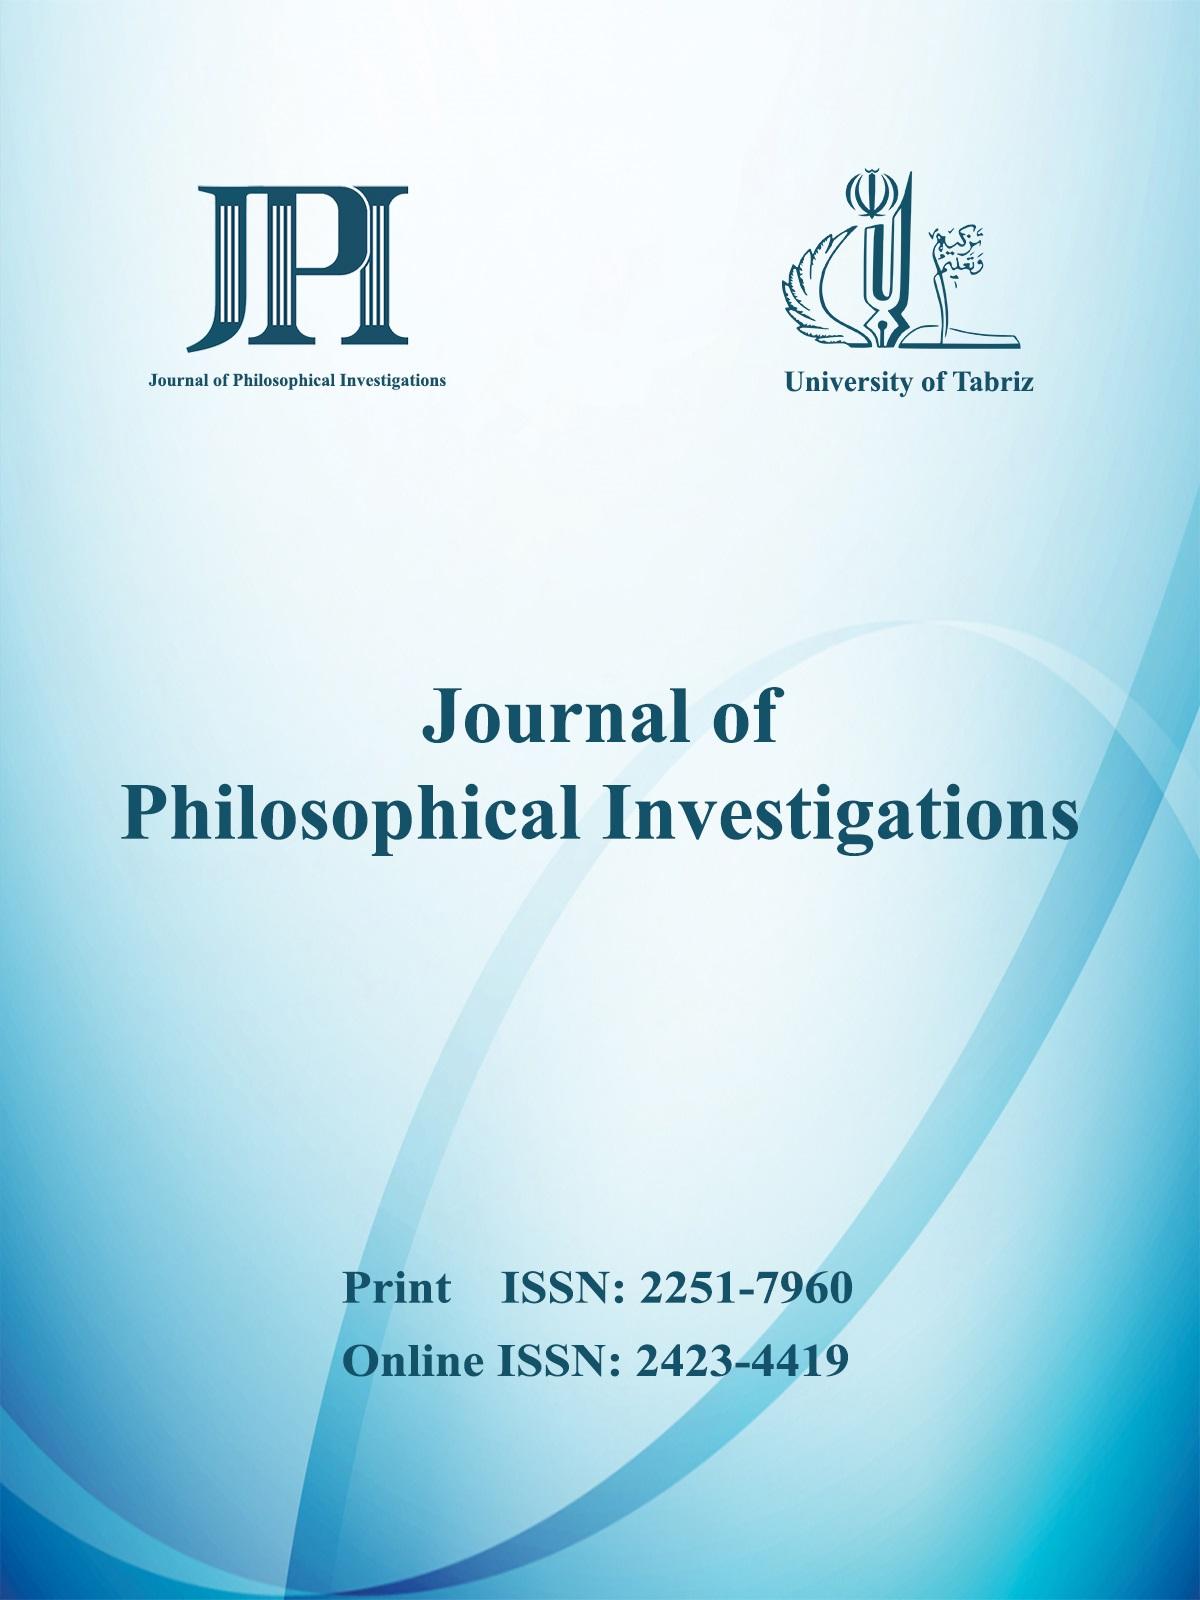 مجله پژوهش های فلسفی دانشگاه تبریز